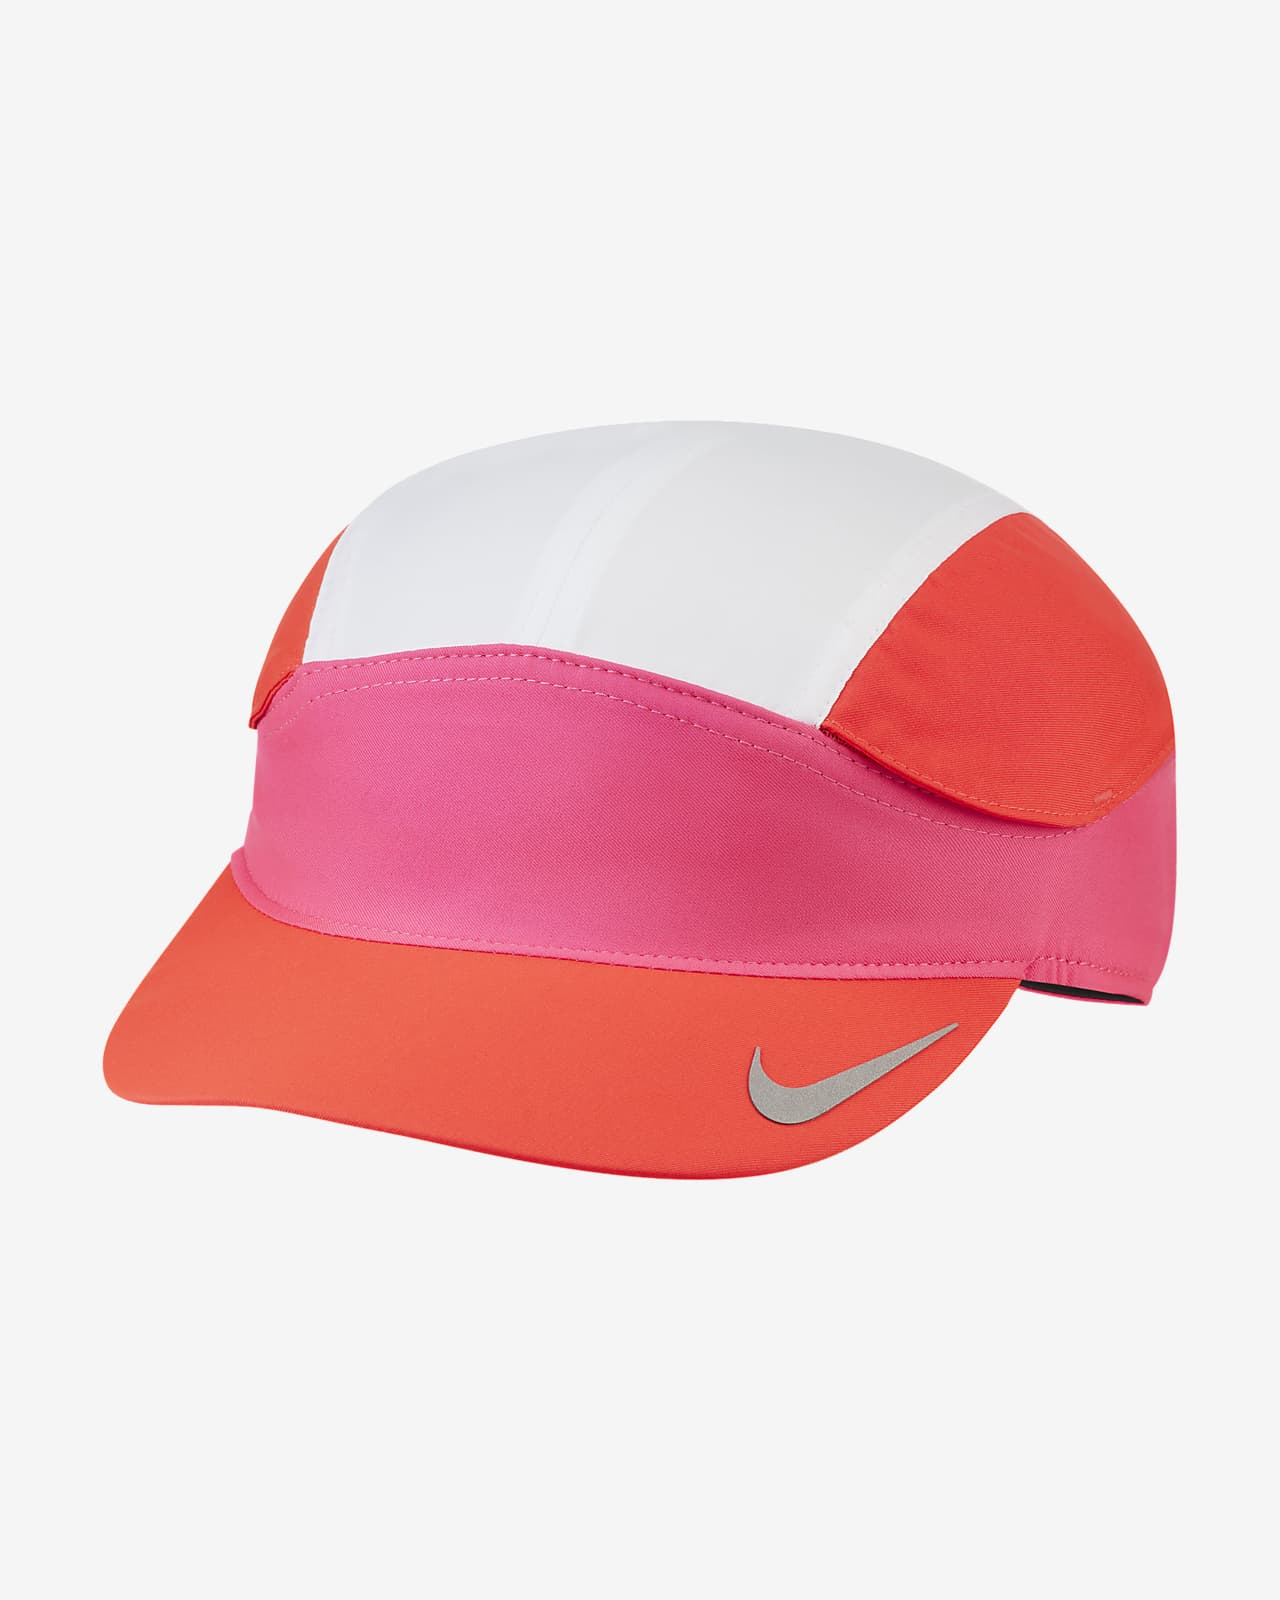 Nike Dri-FIT Tailwind Fast Running Cap